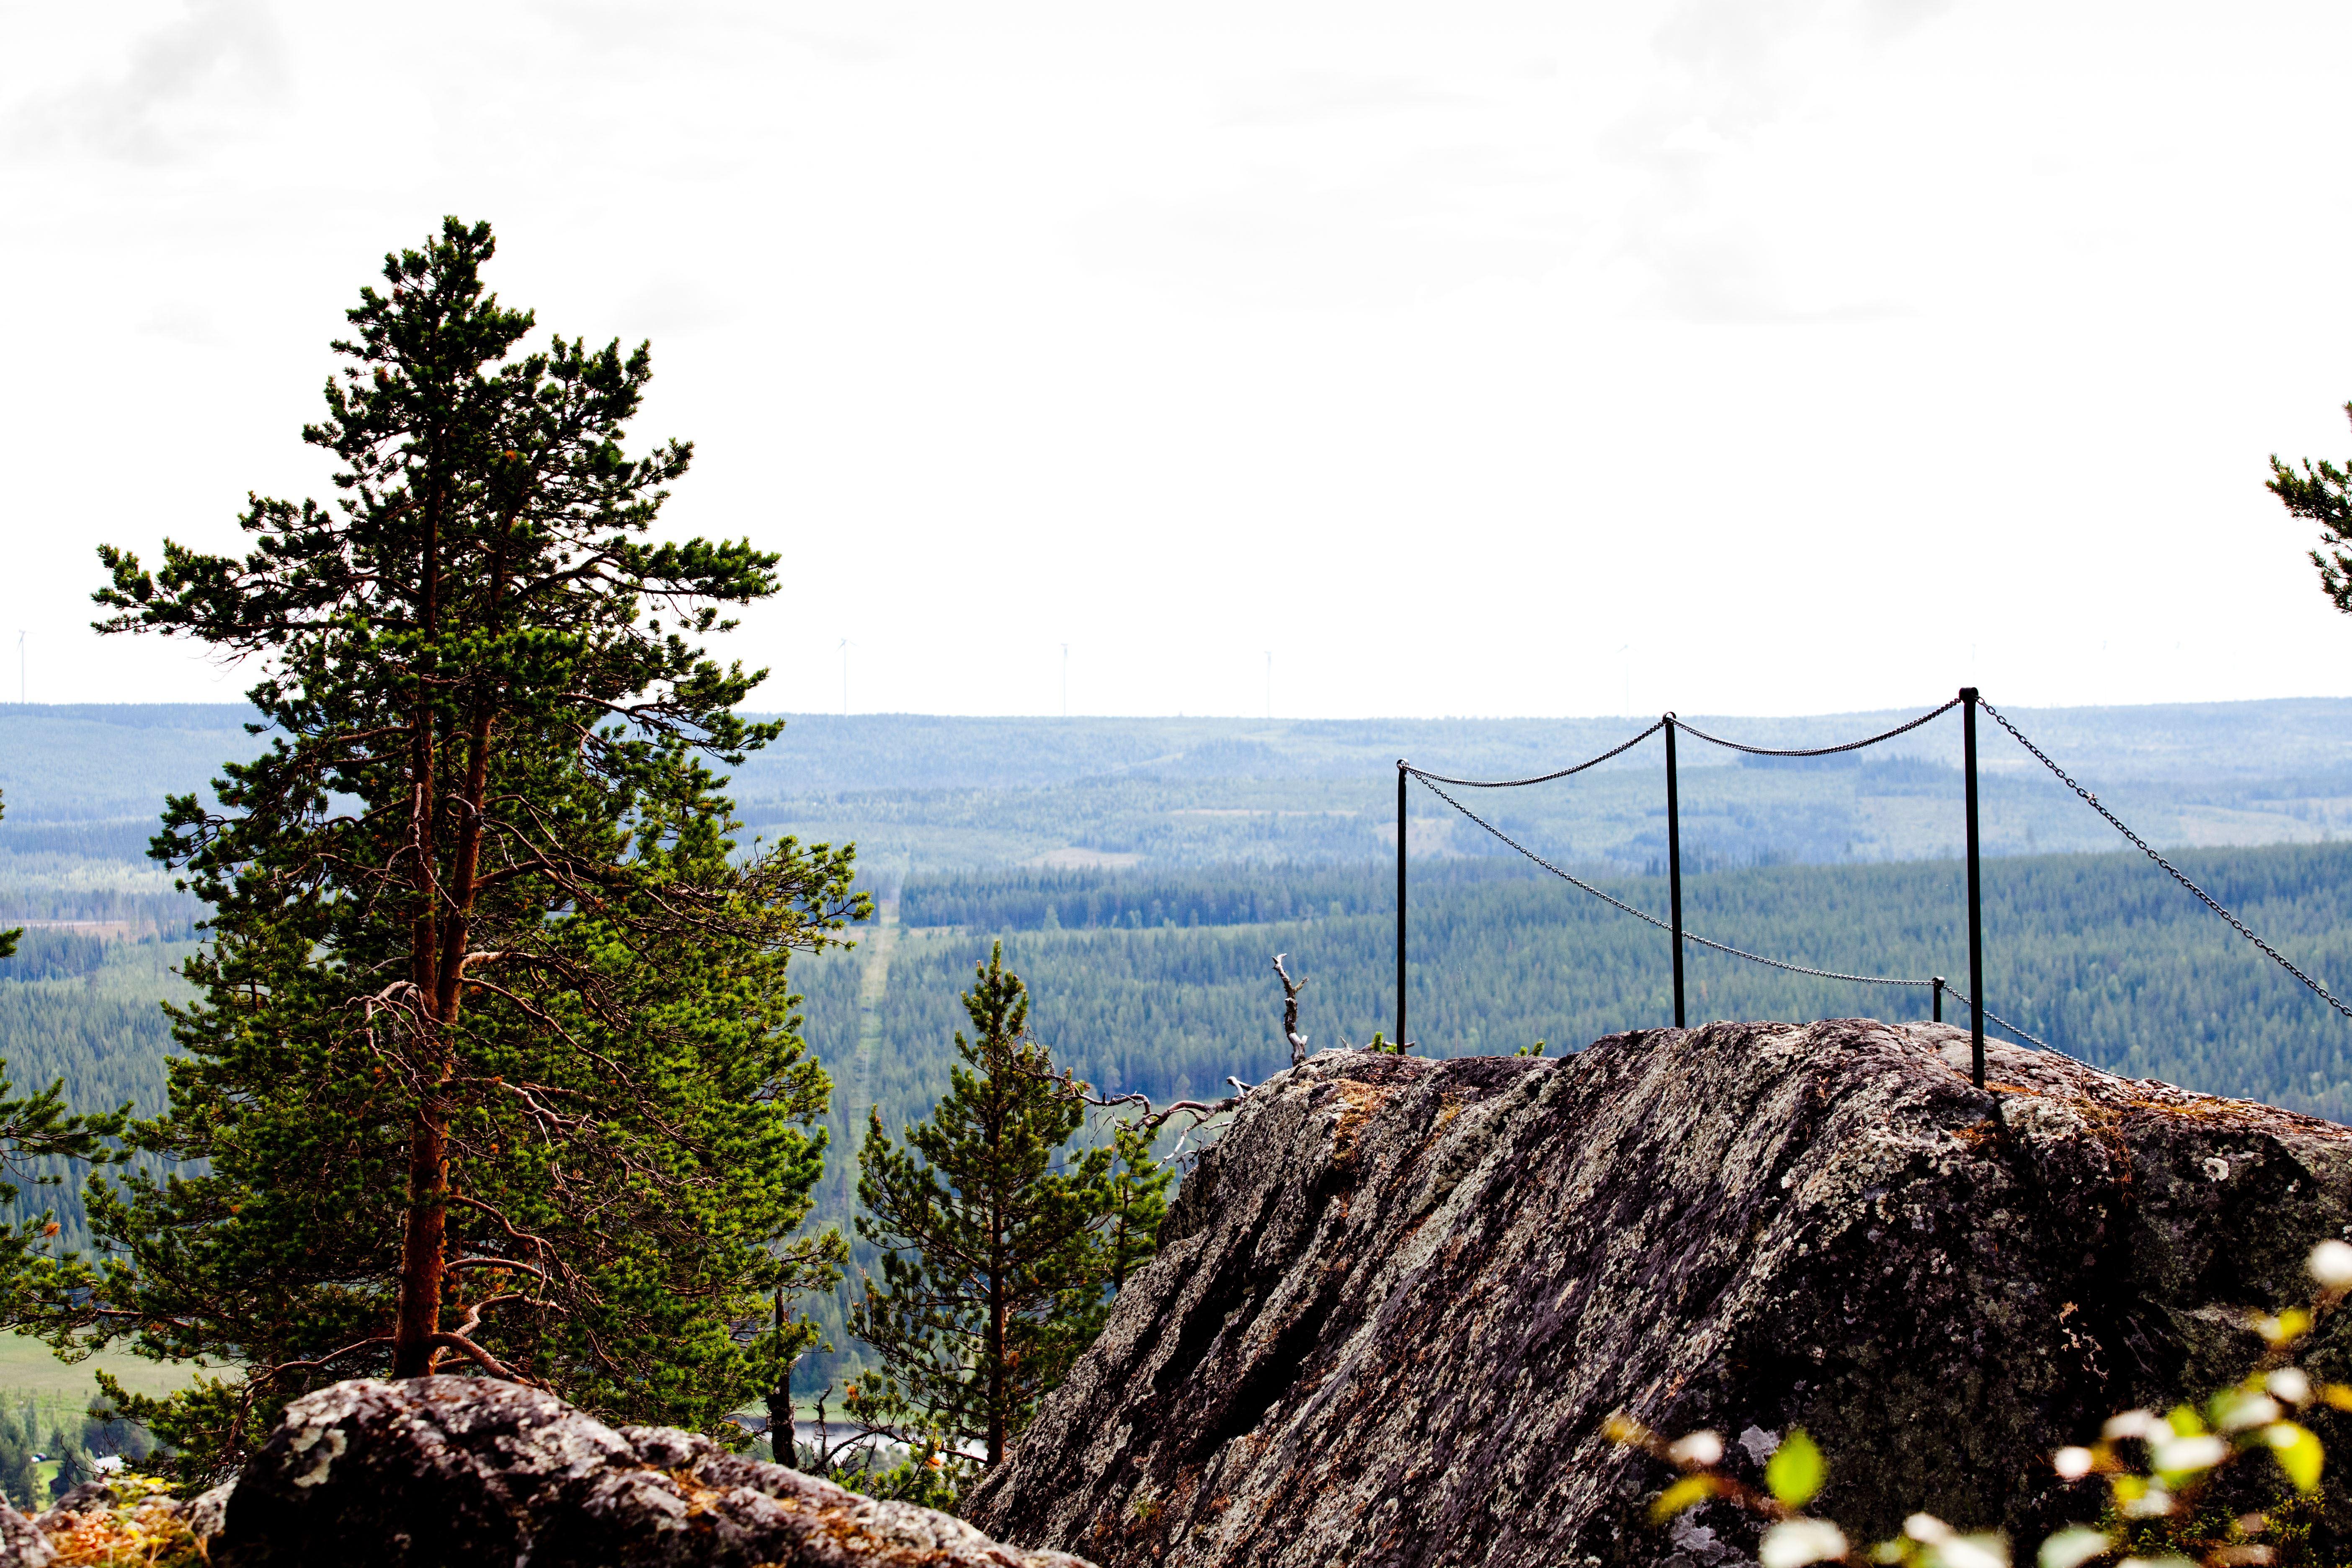 www.ricke.nu,  © Malå kommun, Ättestupan